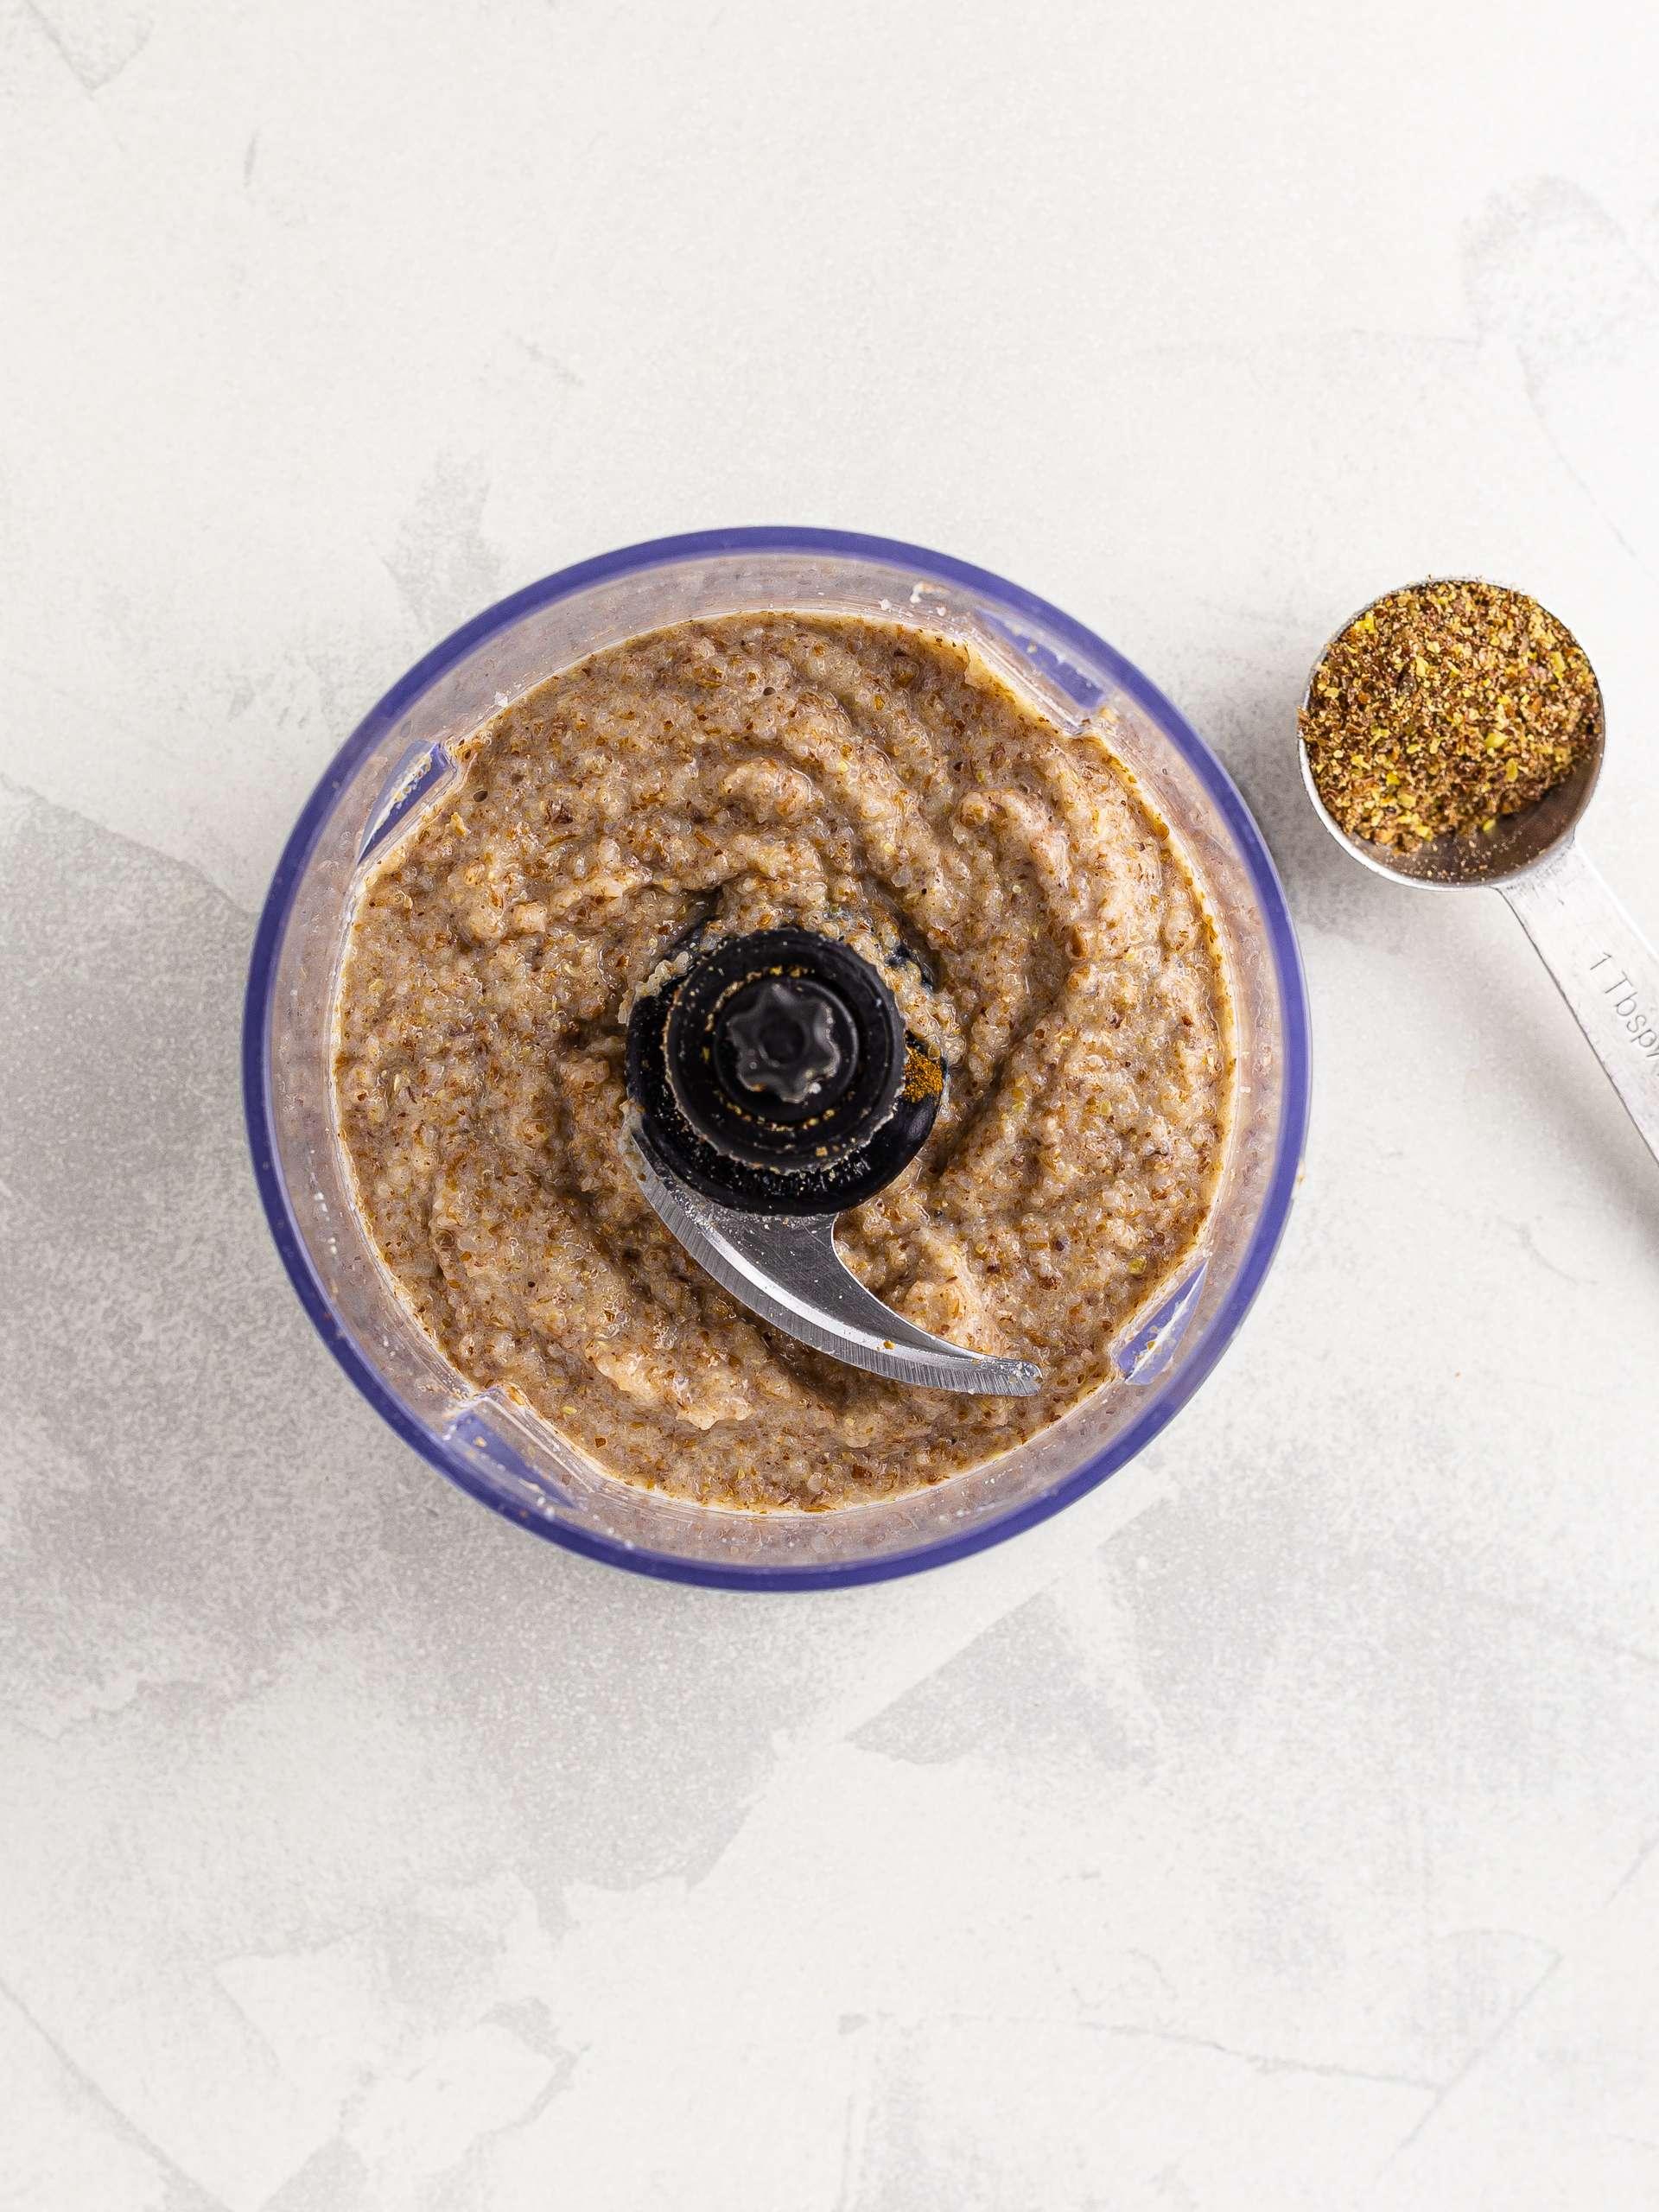 raw buckwheat porridge with flaxseeds